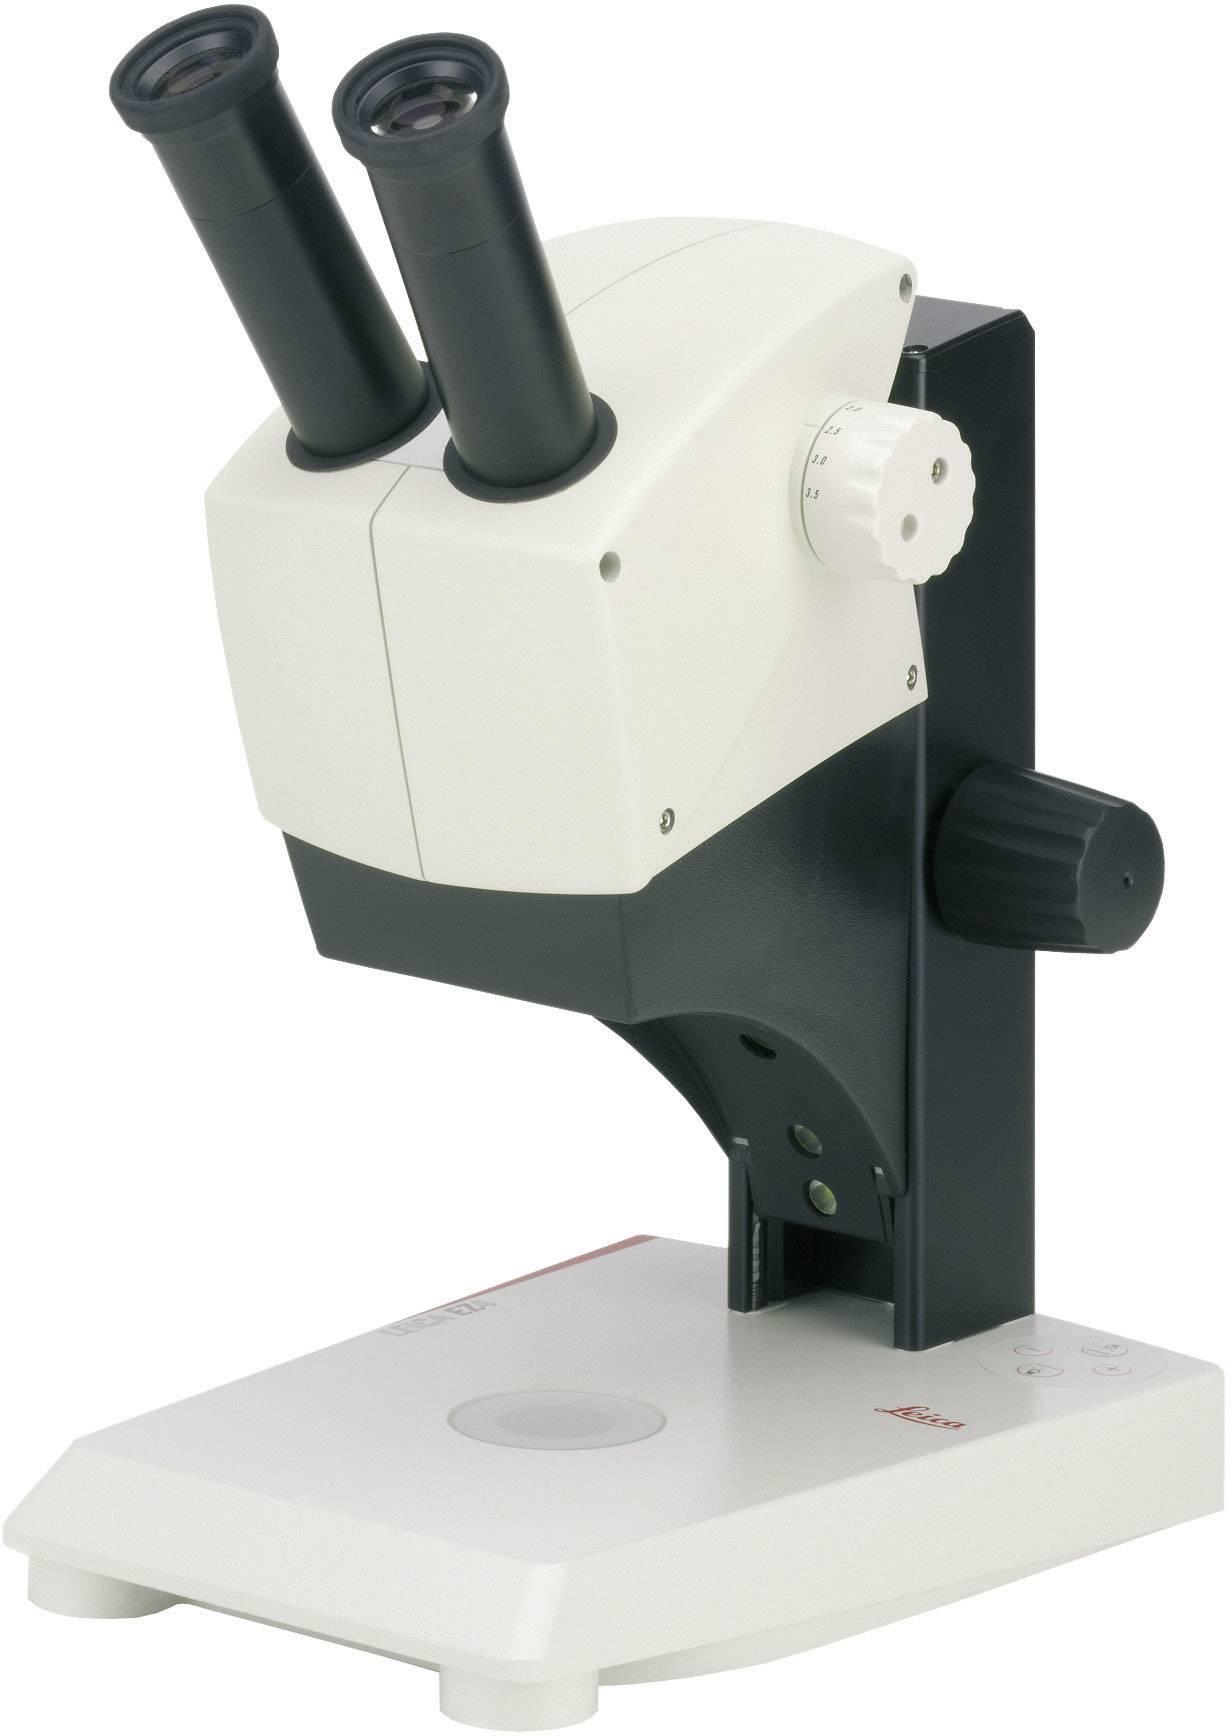 Stereomikroskop 16X/15 Leica EZ4, 10447198